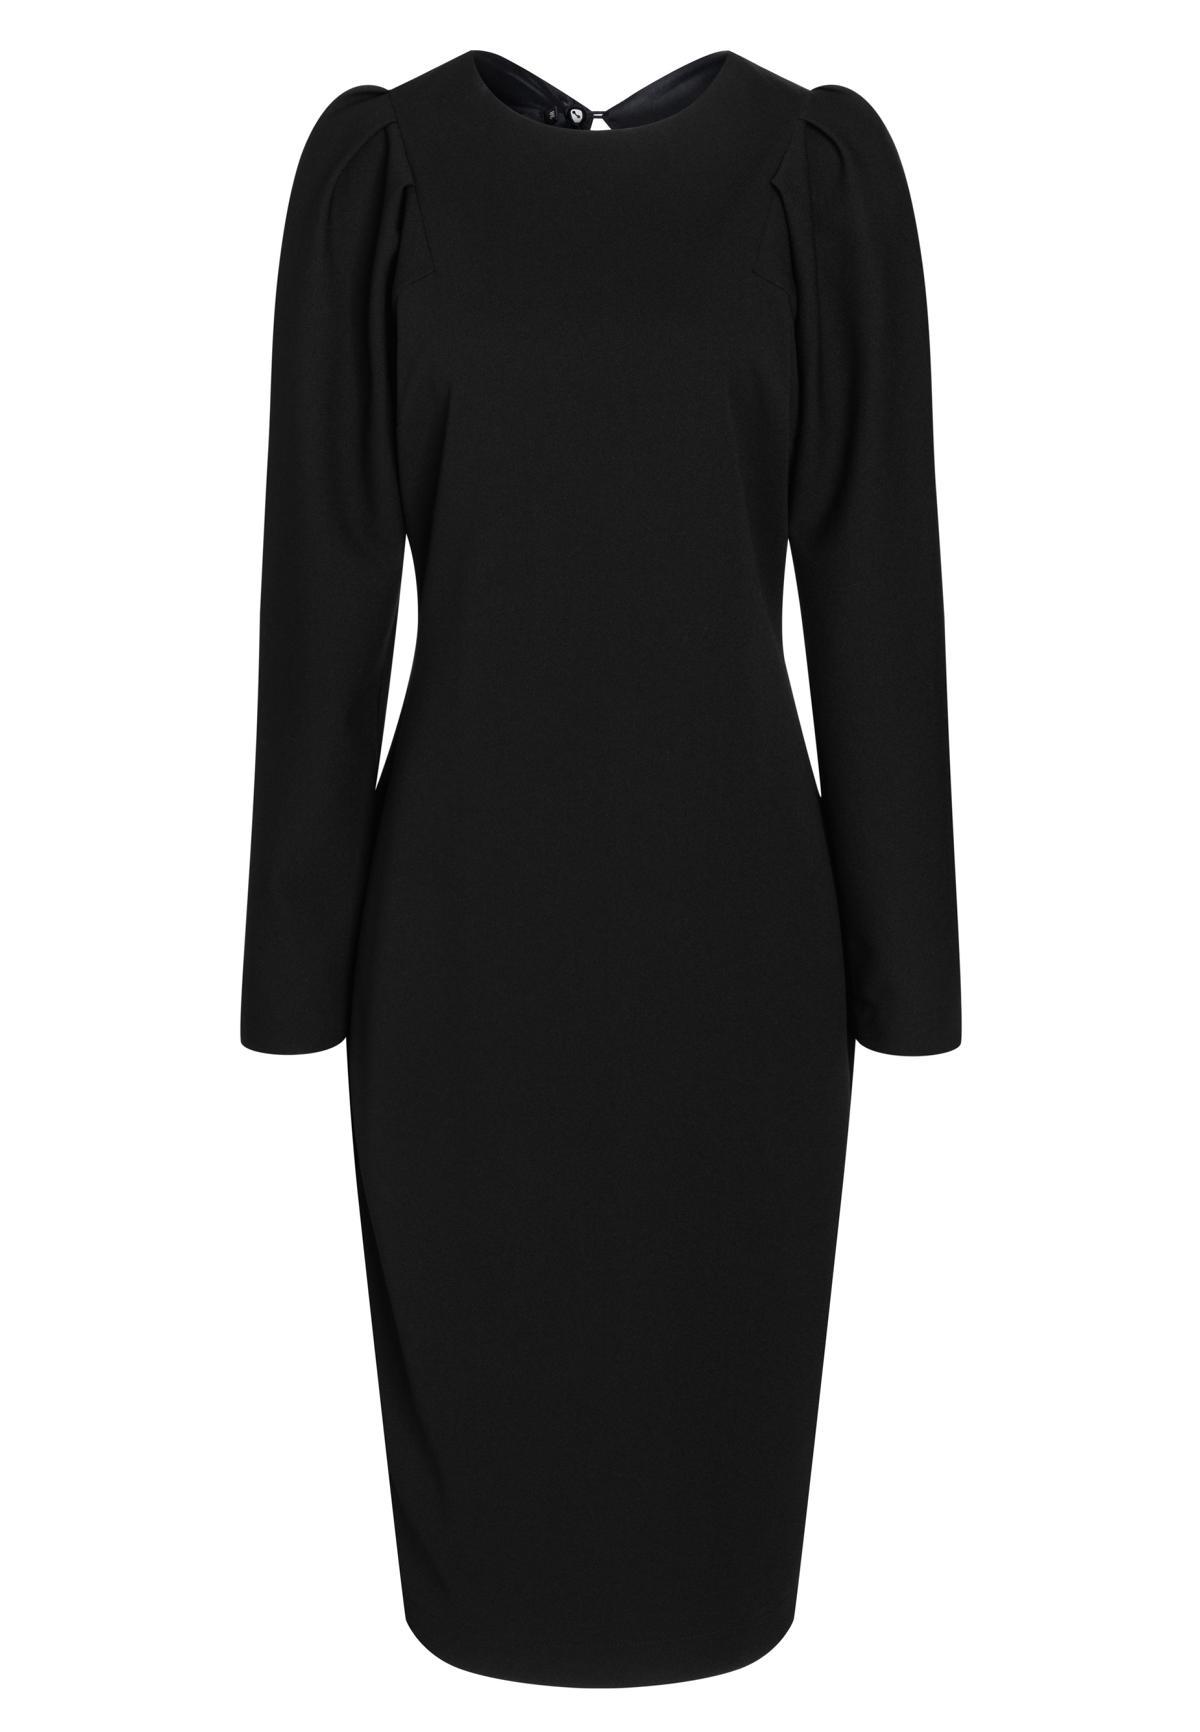 Elegantes Kleid Batri in Schwarz mit langen Ärmeln  Ana Alcazar